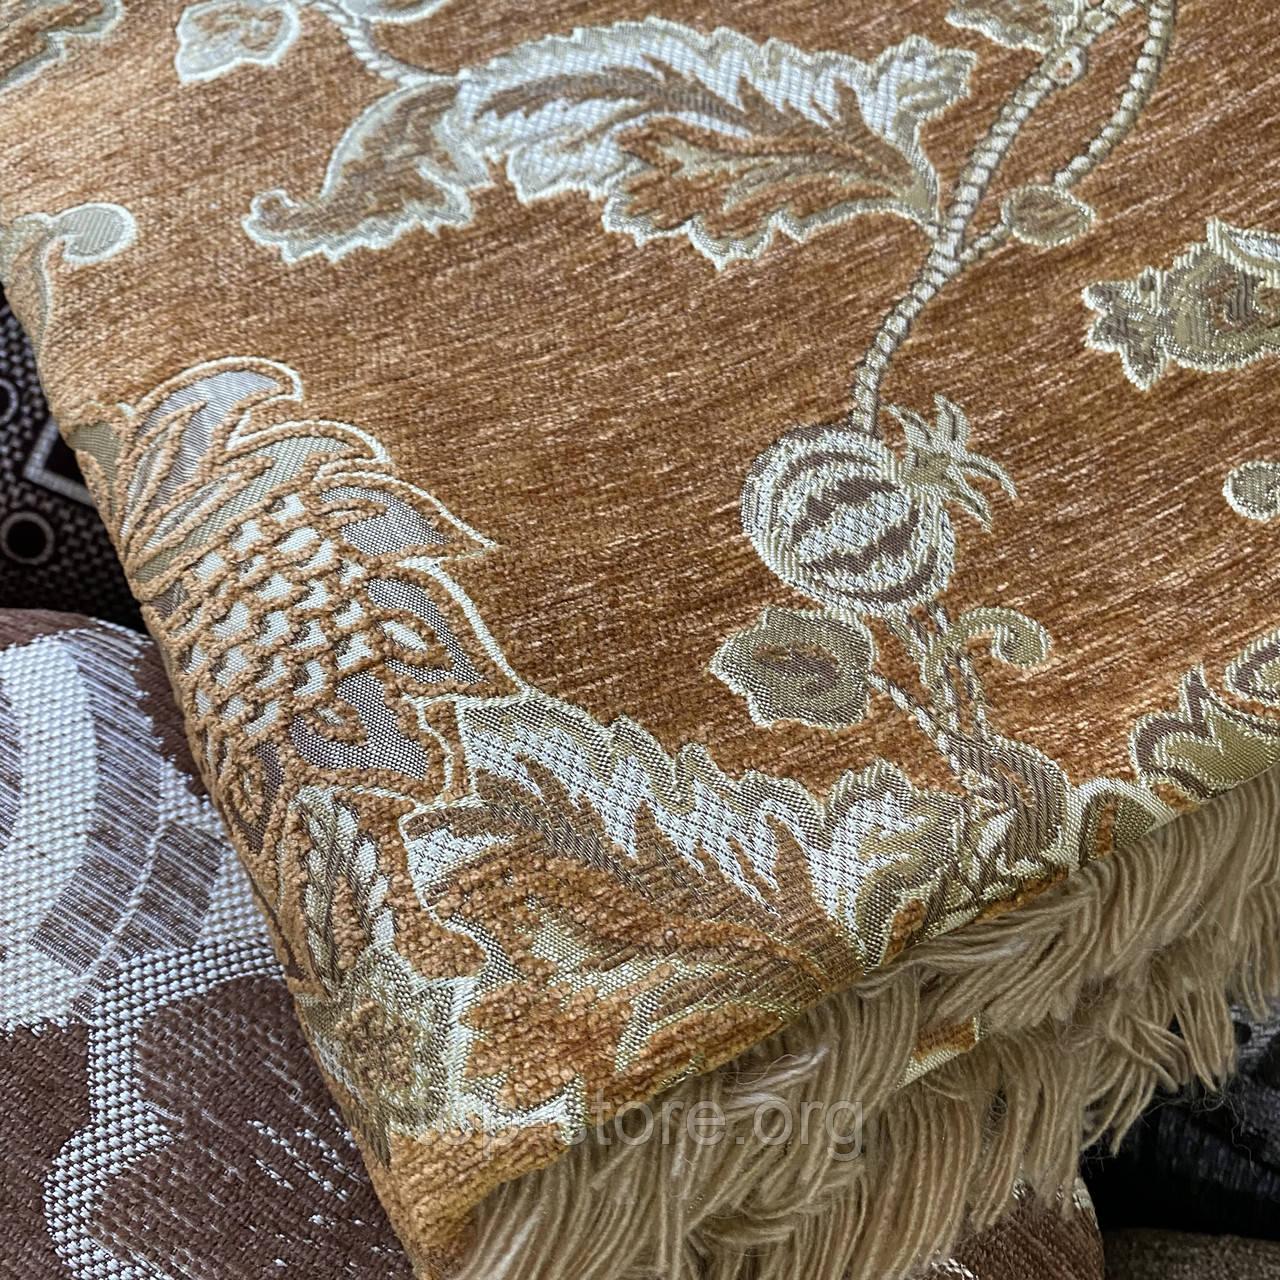 Накидки на диван и два кресла, комплект чехлов на мебель Размер на диван 150*200 см, Два кресла 70*150 см.